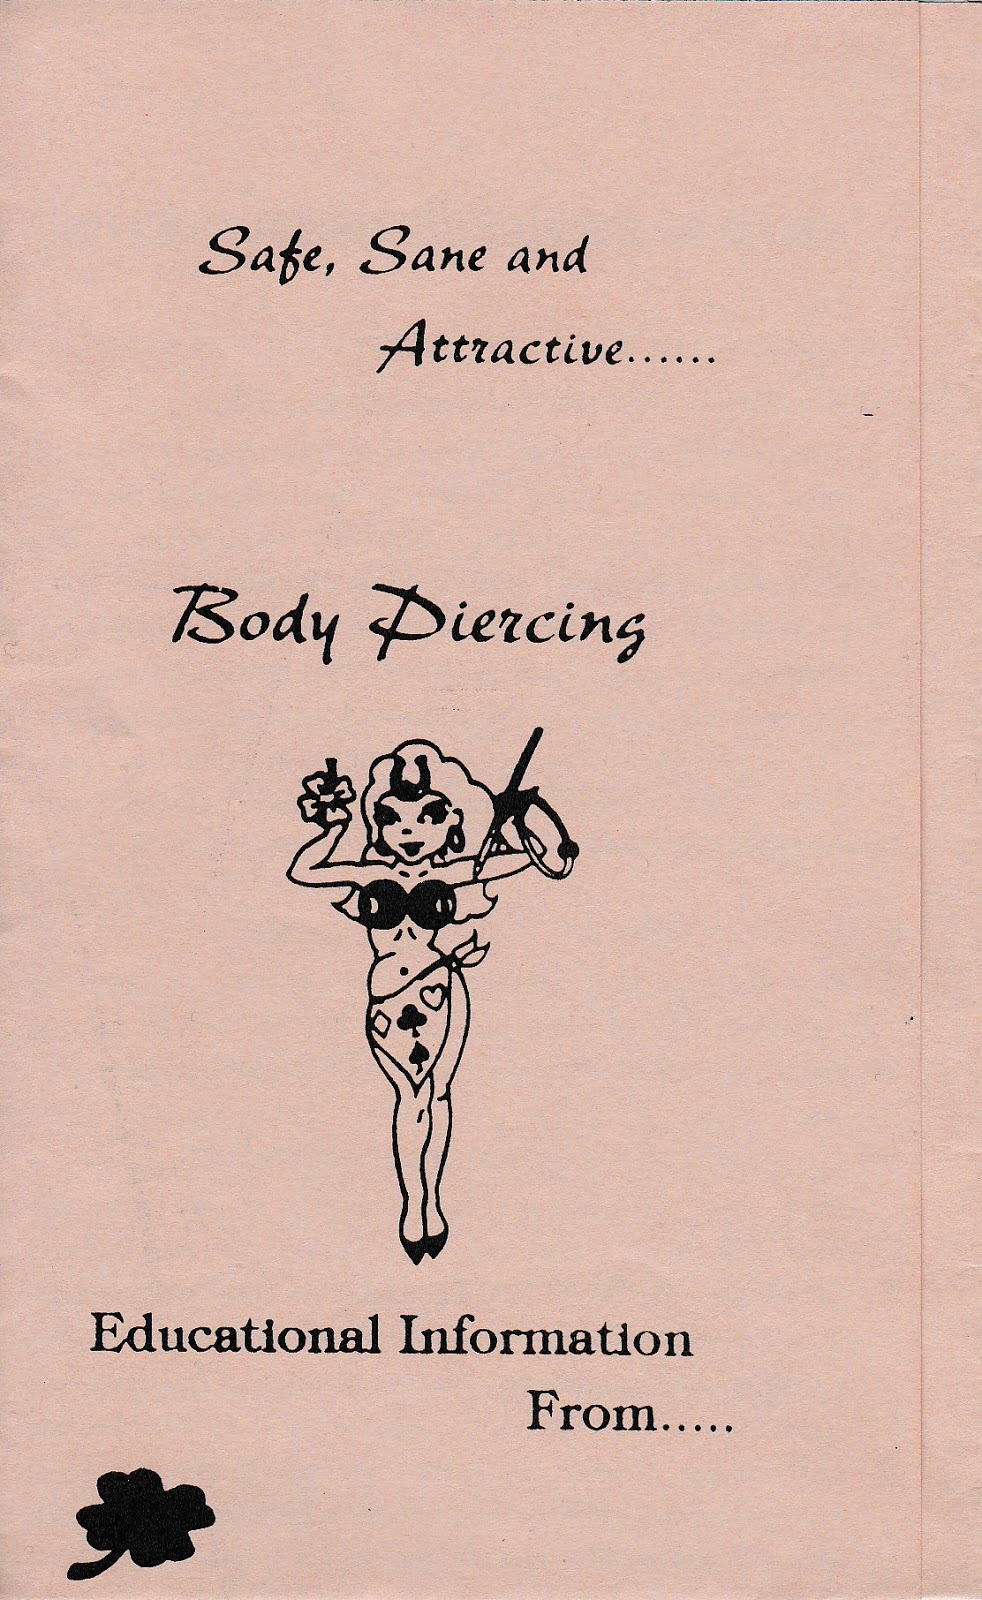 фото тату на половых органах - Пирсинг и татуировки на половых губах Пирсинг фото